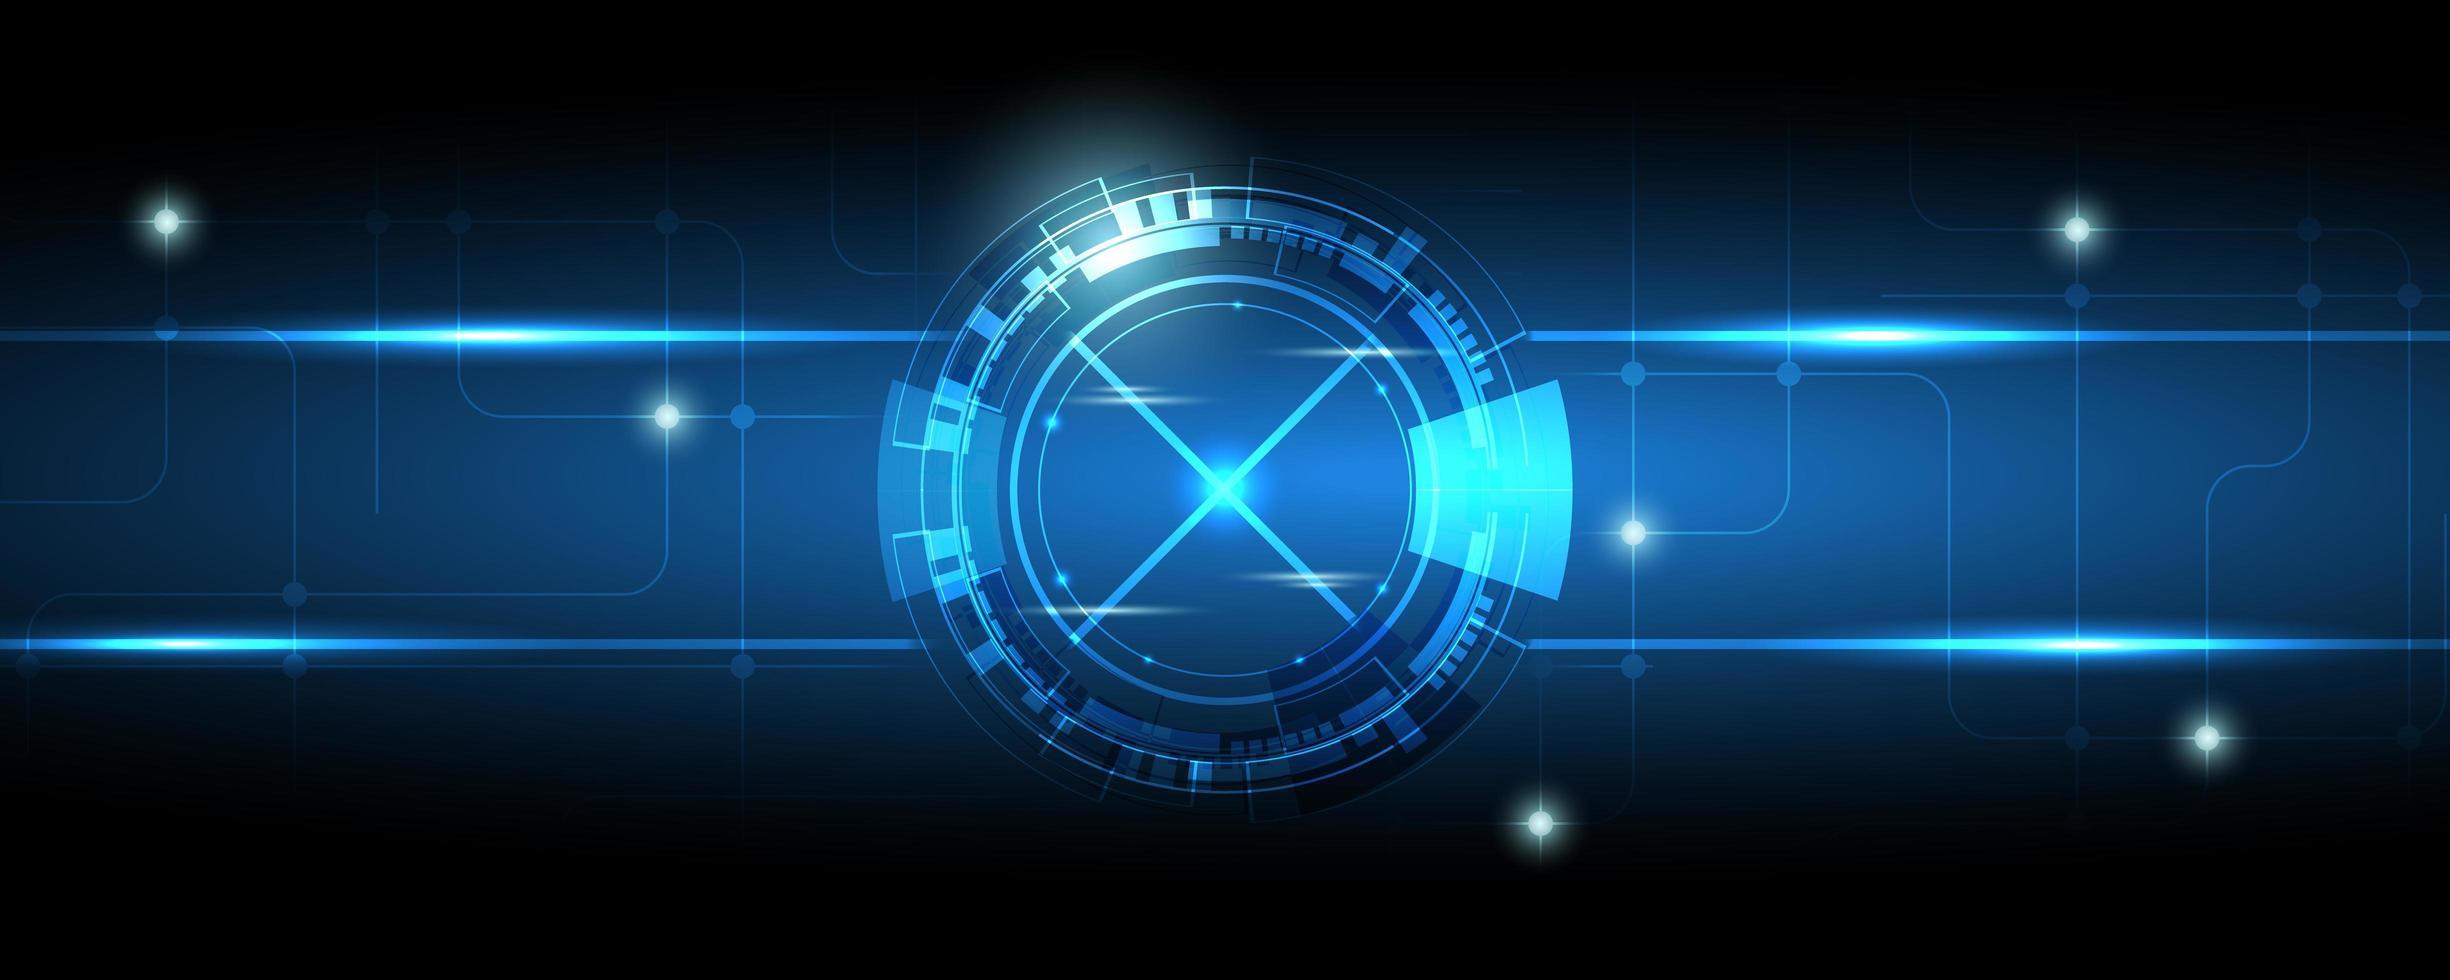 abstrakter blauer Getriebetechnologiehintergrund vektor